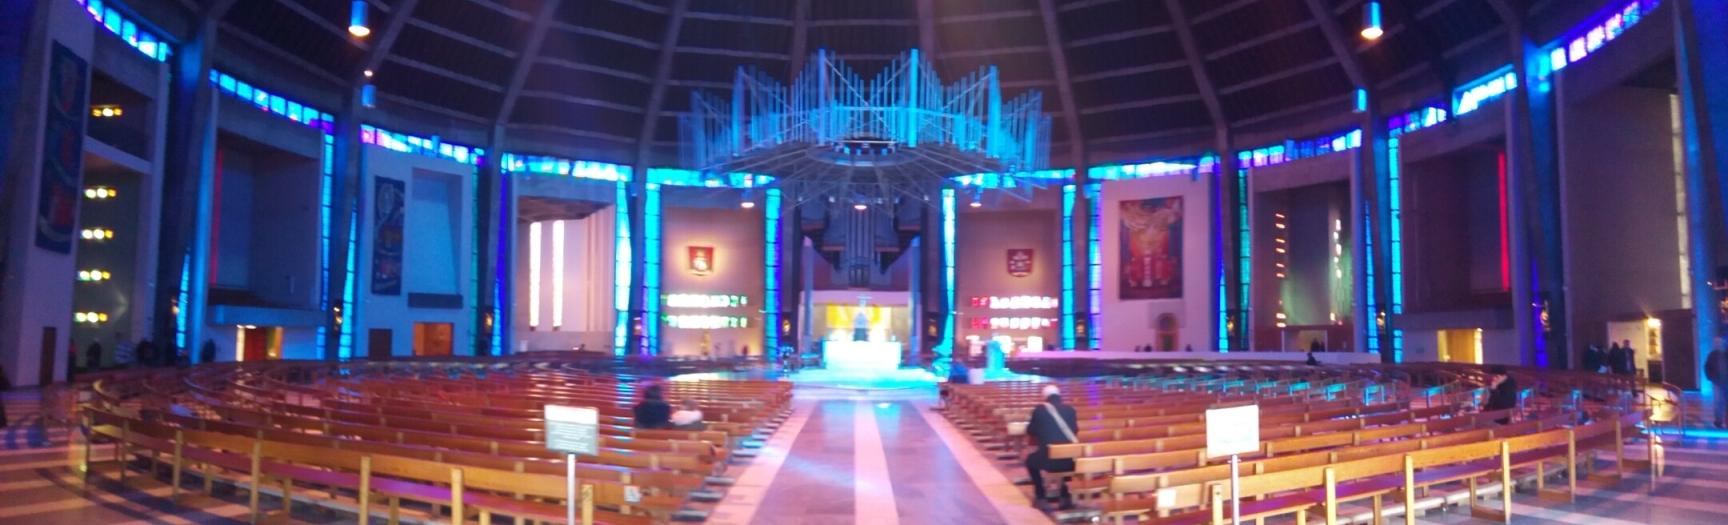 Снимка 23,Римокатолическата катедрала на Ливърпул